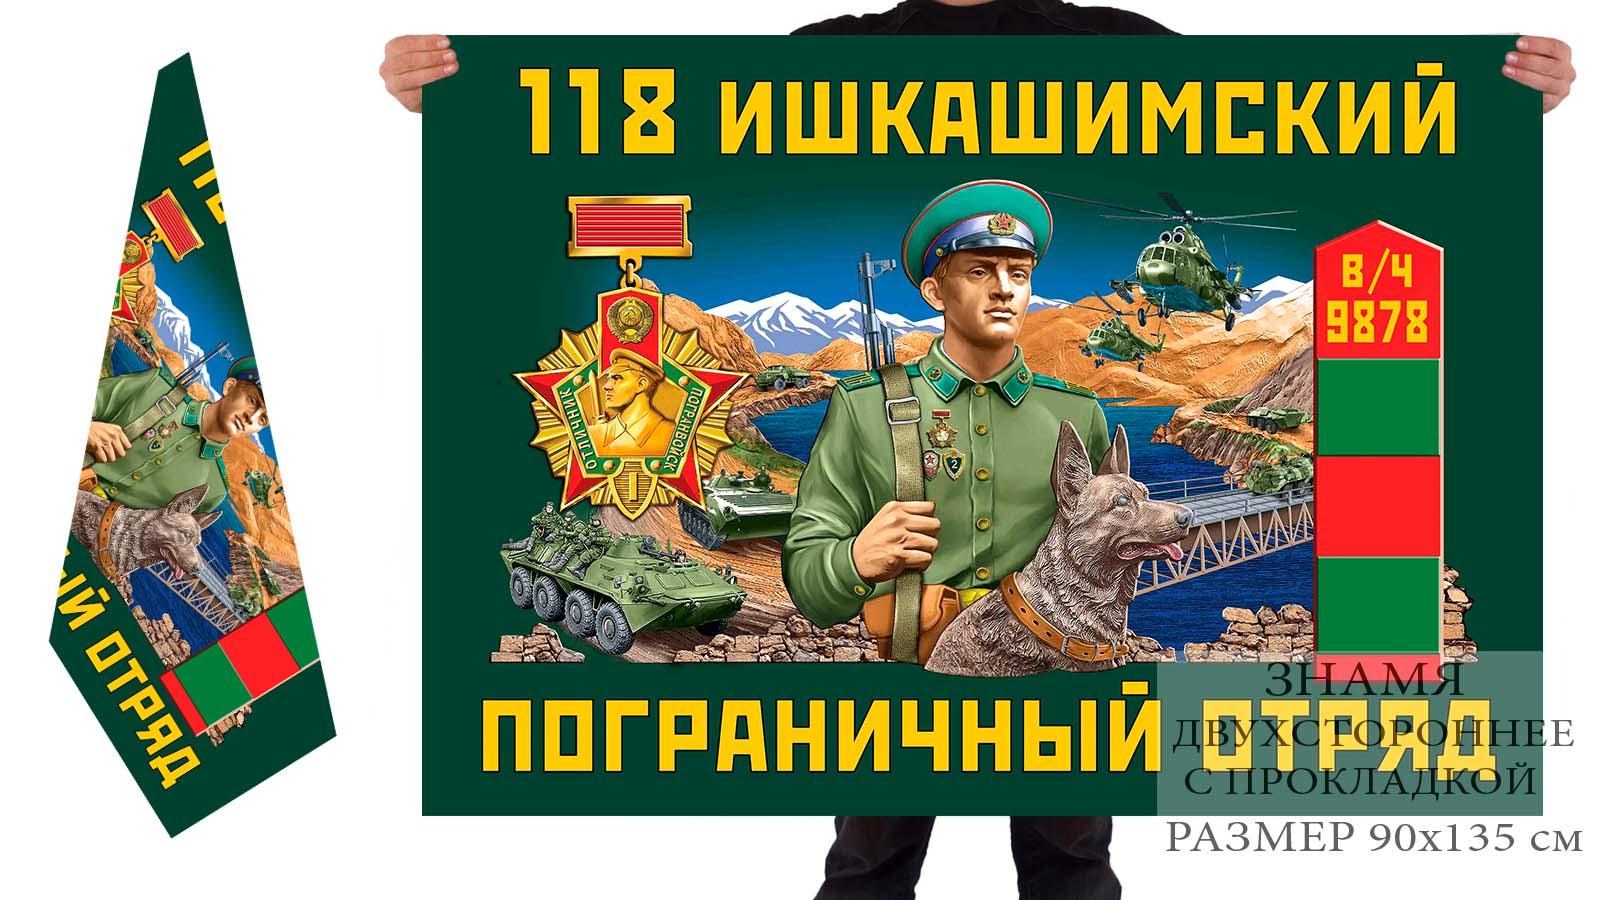 Двусторонний флаг 118 Ишкашимского погранотряда